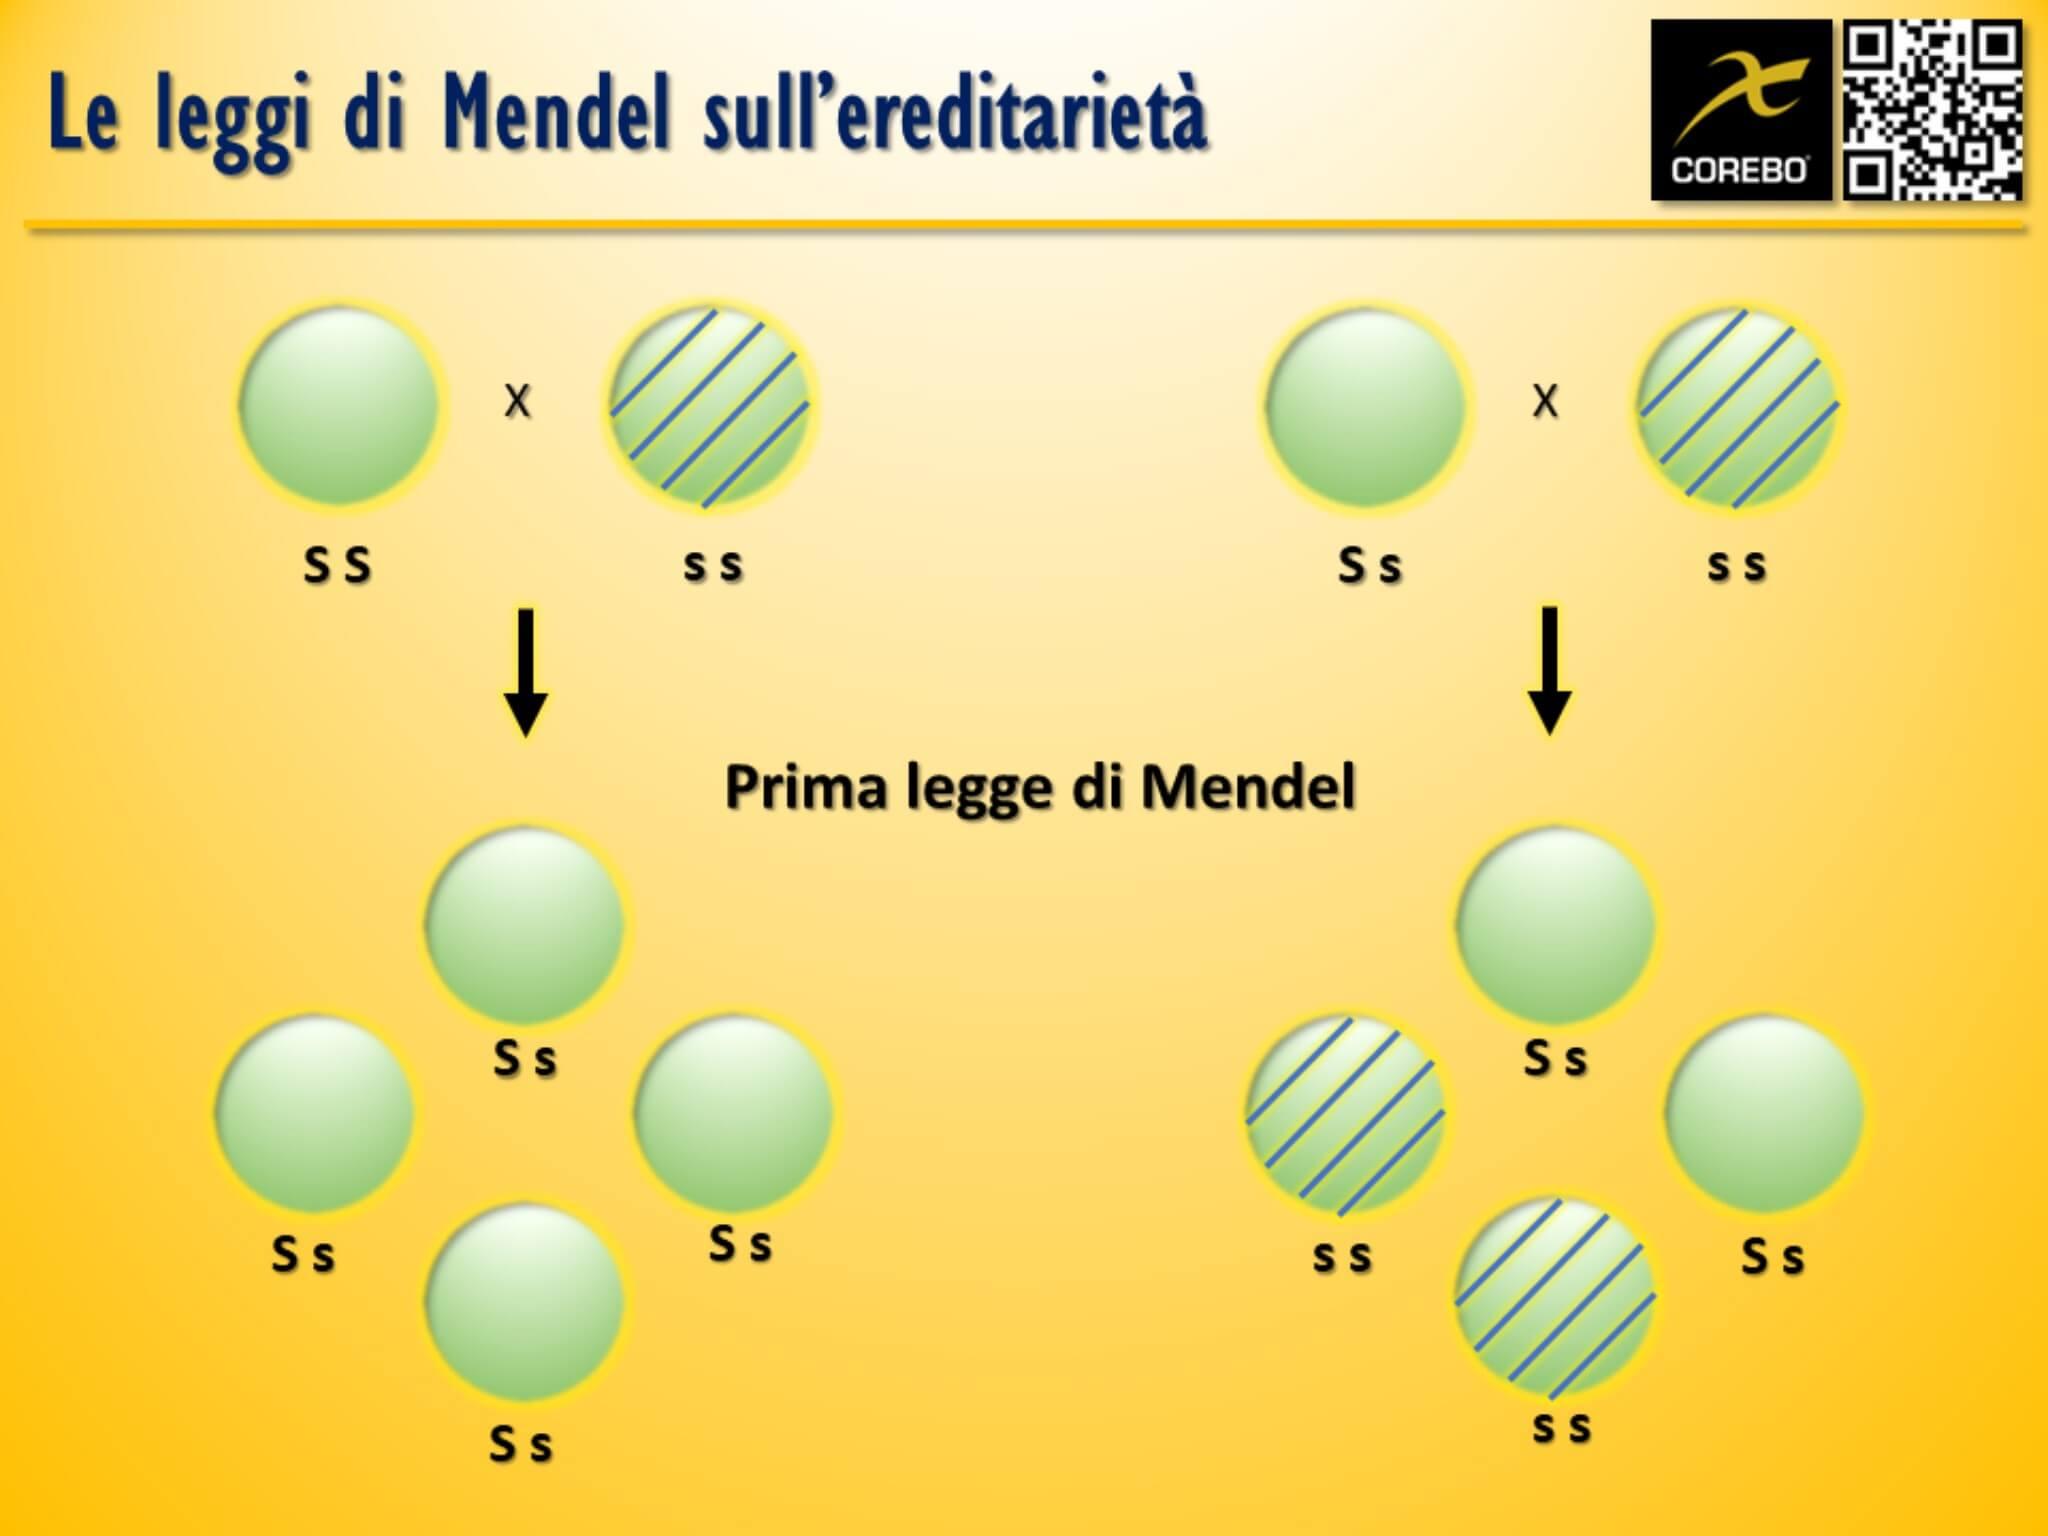 Leggi di Mendel - Cosa sono e cosa servono?